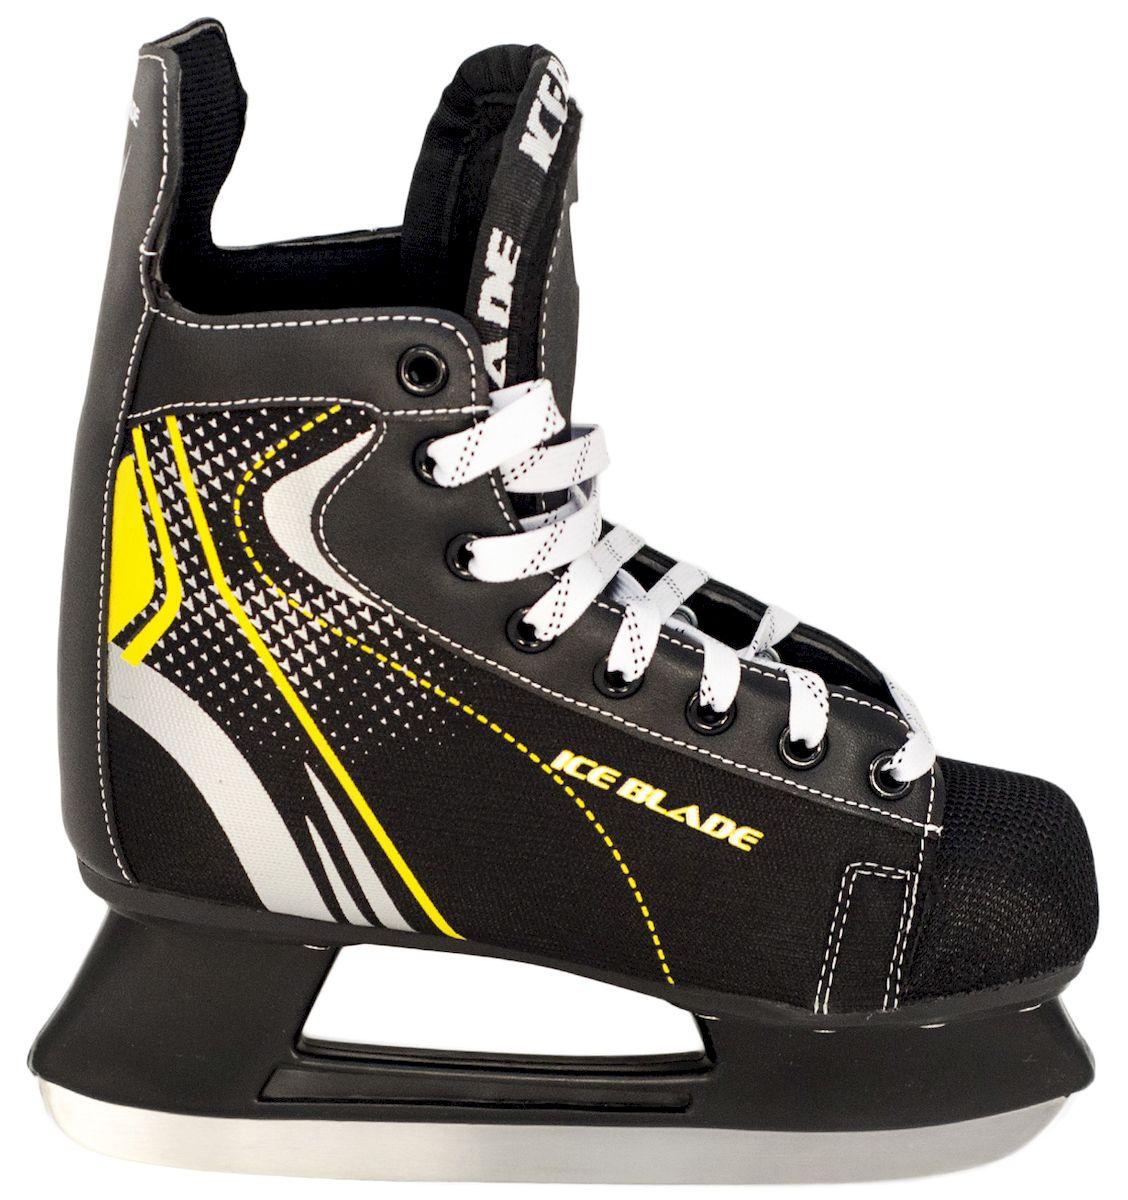 Коньки хоккейные Ice Blade Shark, цвет: черный, желтый. УТ-00006841. Размер 34УТ-00004984Коньки хоккейные Shark имеют модный яркий дизайн, поэтому данная модель очень популярна у любителей хоккея.Ботинок выполнен из искусственной кожи, высокопрочной нейлоновой ткани и ударостойкого пластика. Лезвие изготовлено из высокоуглеродистой стали с покрытием из никеля, что гарантирует прочность и долговечность. В качестве внутренней отделки используется вельветин с утеплителем. Коньки поставляются с заводской заточкой лезвия, что позволяет сразу приступить к катанию, не тратя время и денег на заточку. Коньки подходят для использования на открытом и закрытом льду.Удобная система фиксации ноги и улучшенная колодка сделают катание комфортным и безопасным.